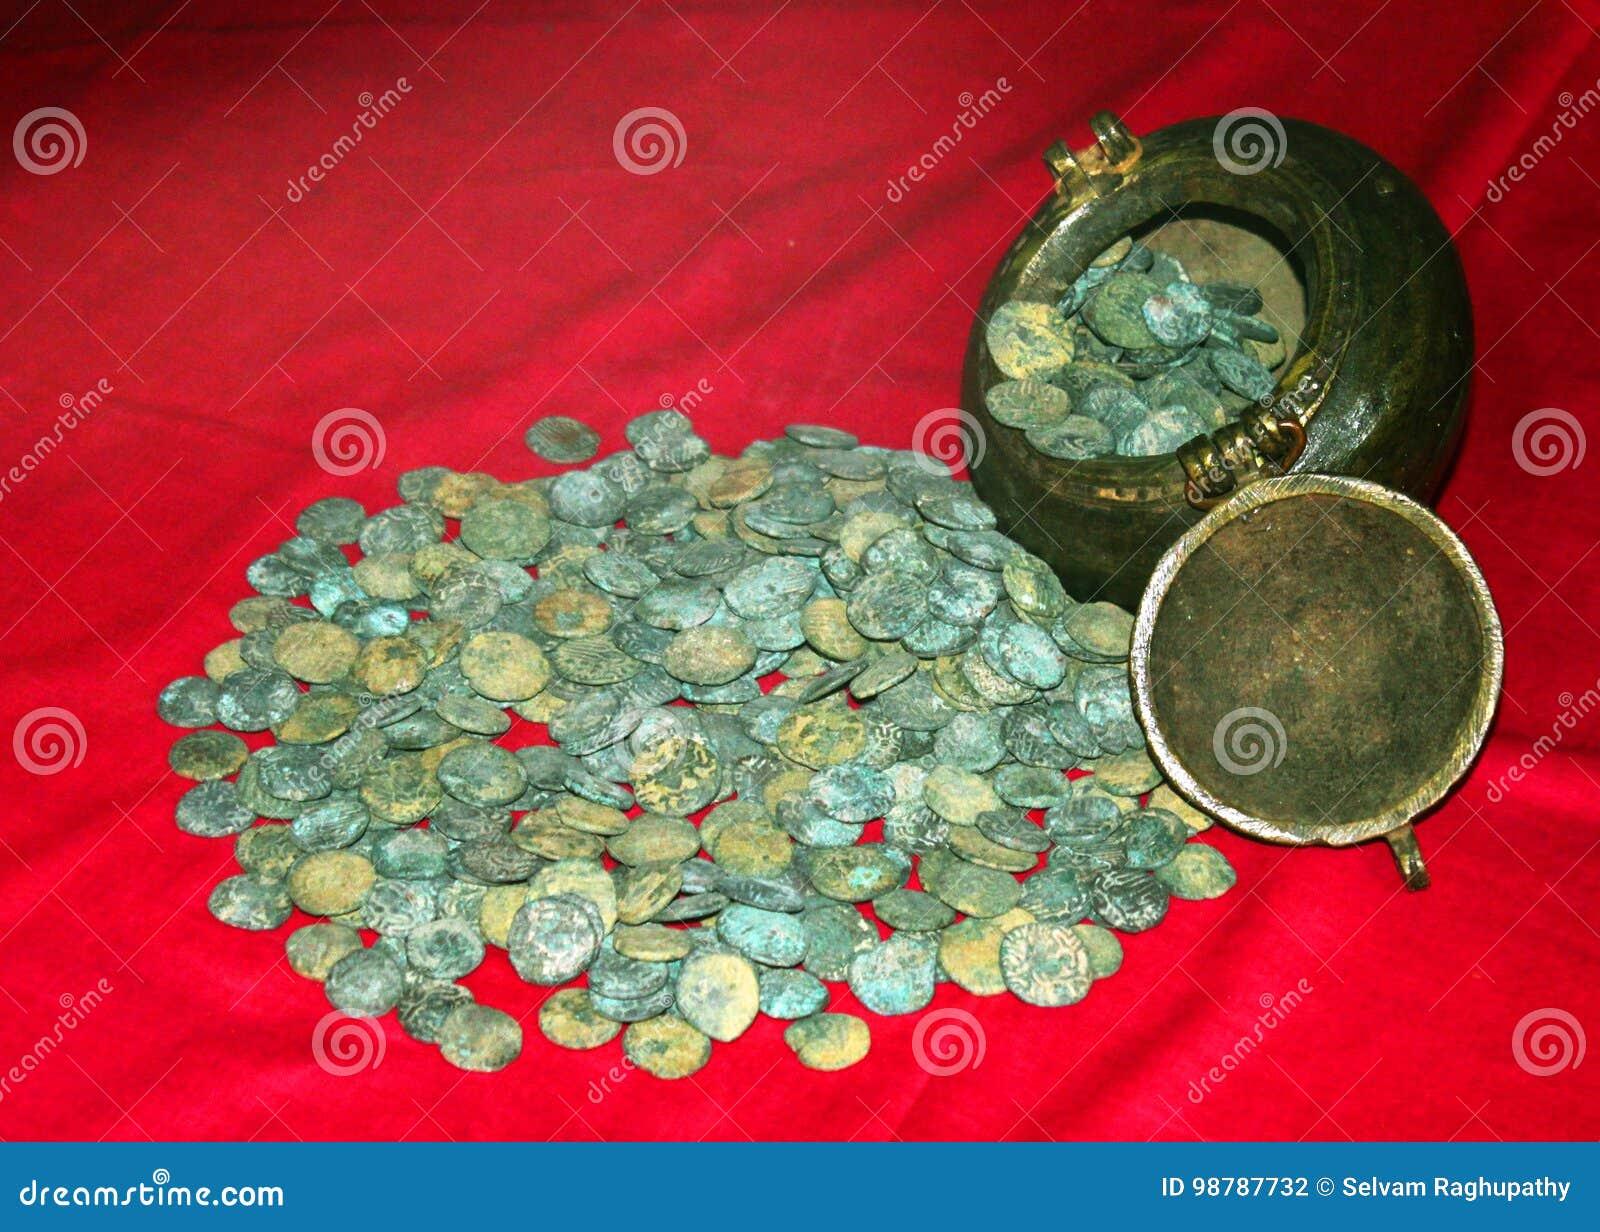 Παλαιά νομίσματα του βασιλιά rajarajan στο μουσείο στο παλάτι maratha thanjavur σύνθετο